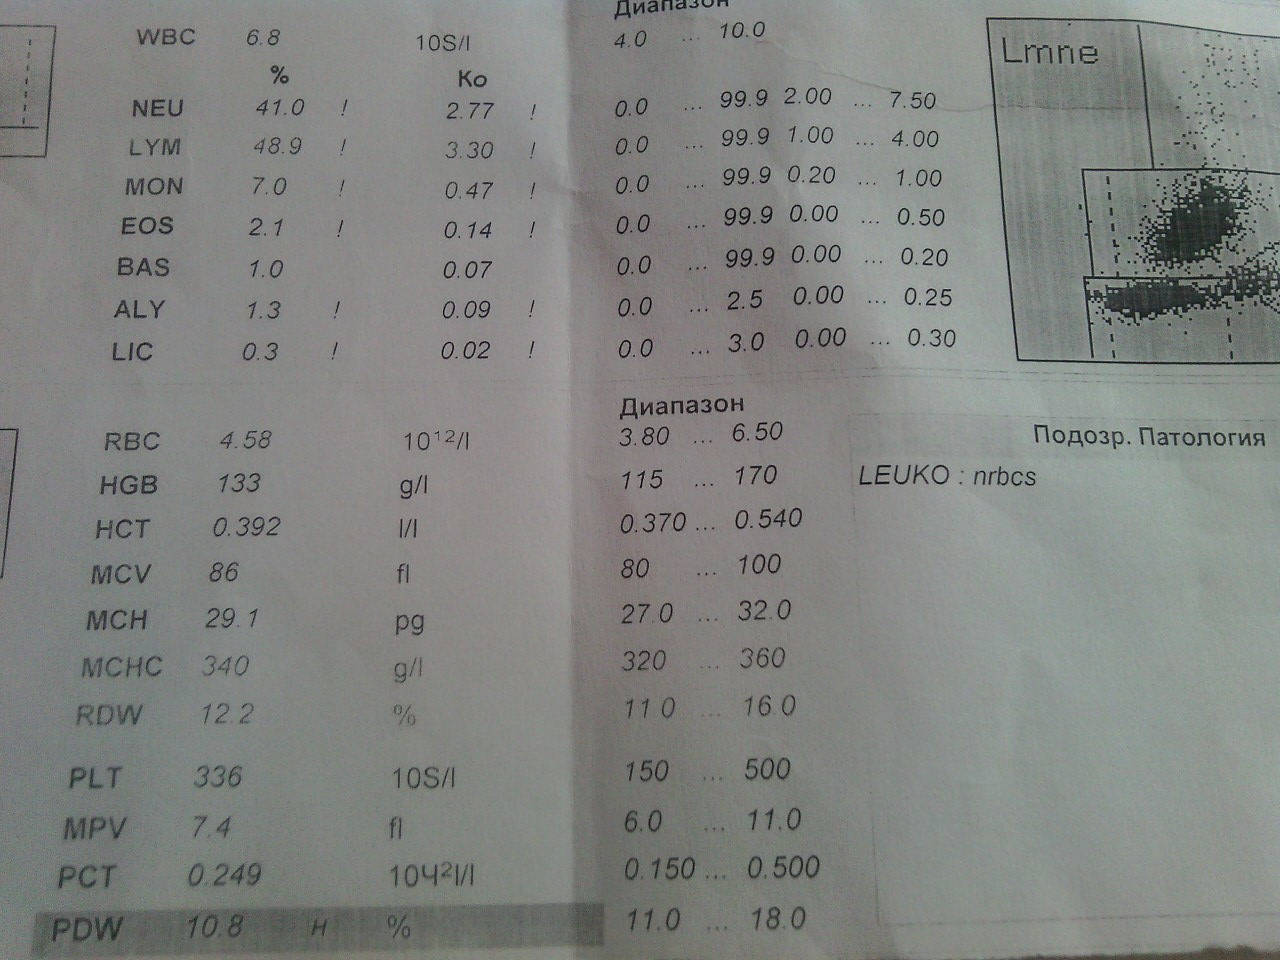 Leuco nrbcs в анализе крови потеряла открытый больничный лист